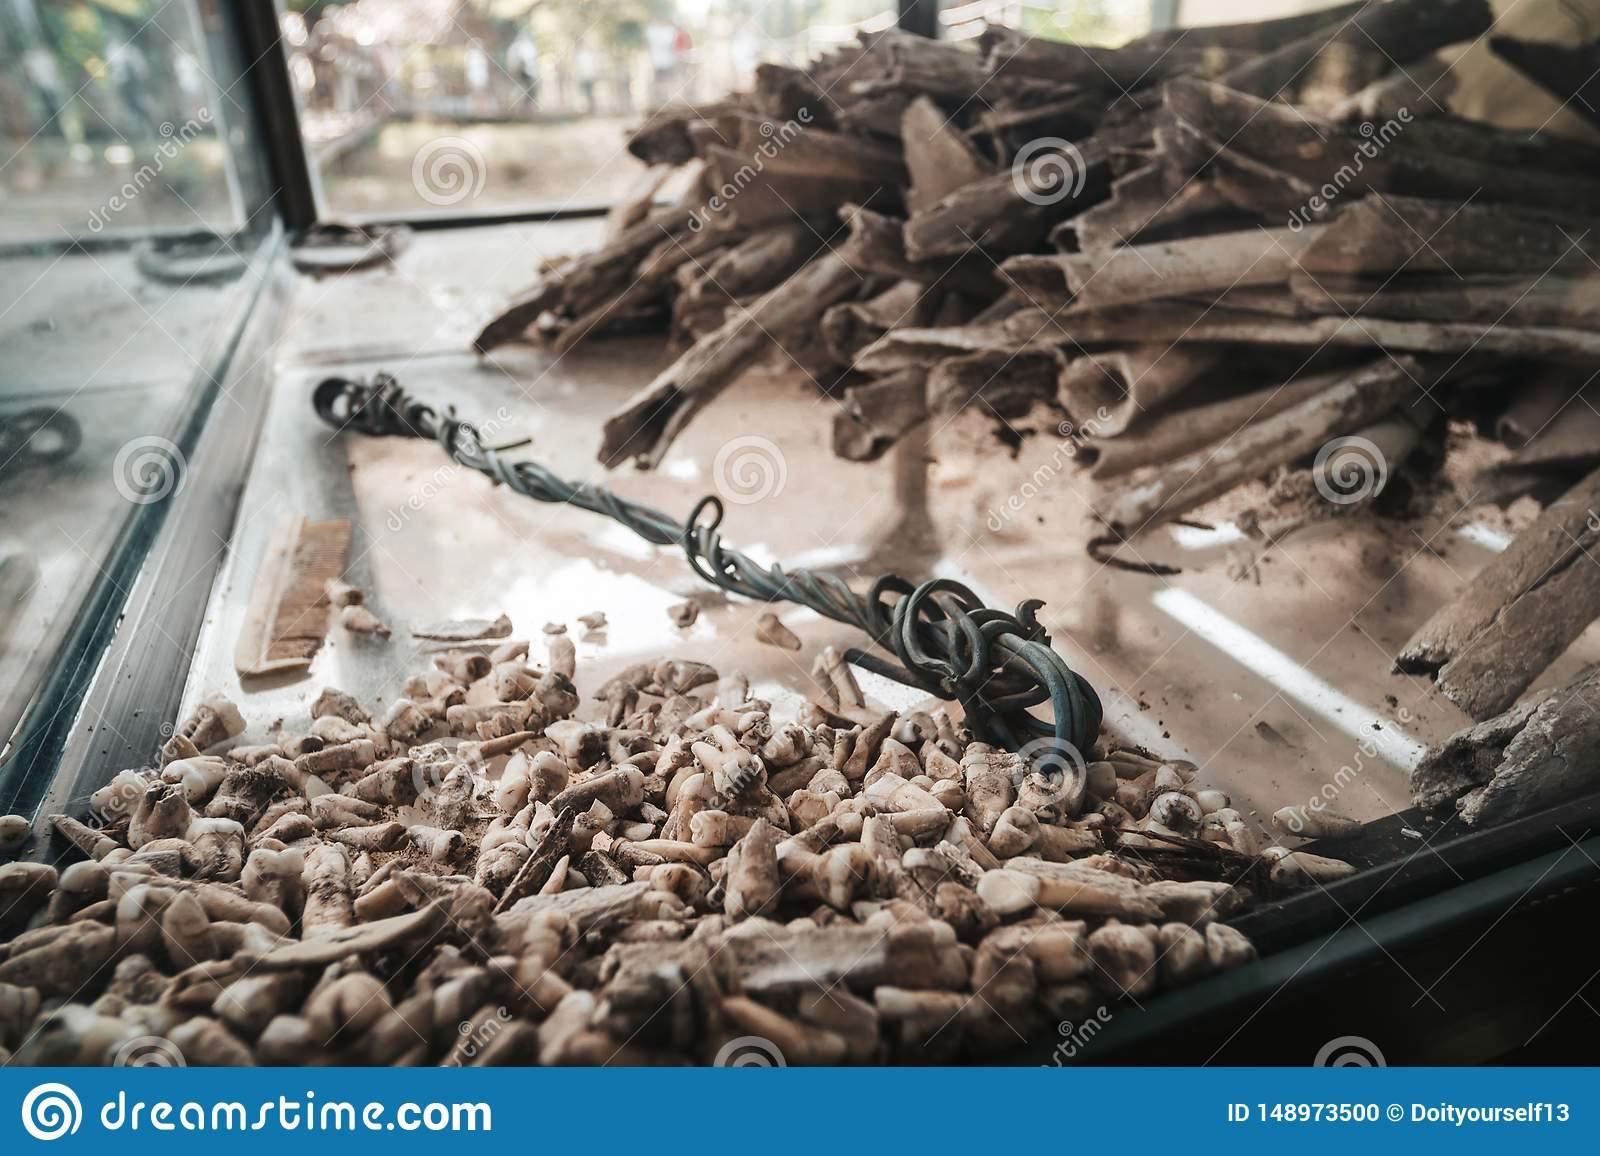 Поля смерти - Камбоджа